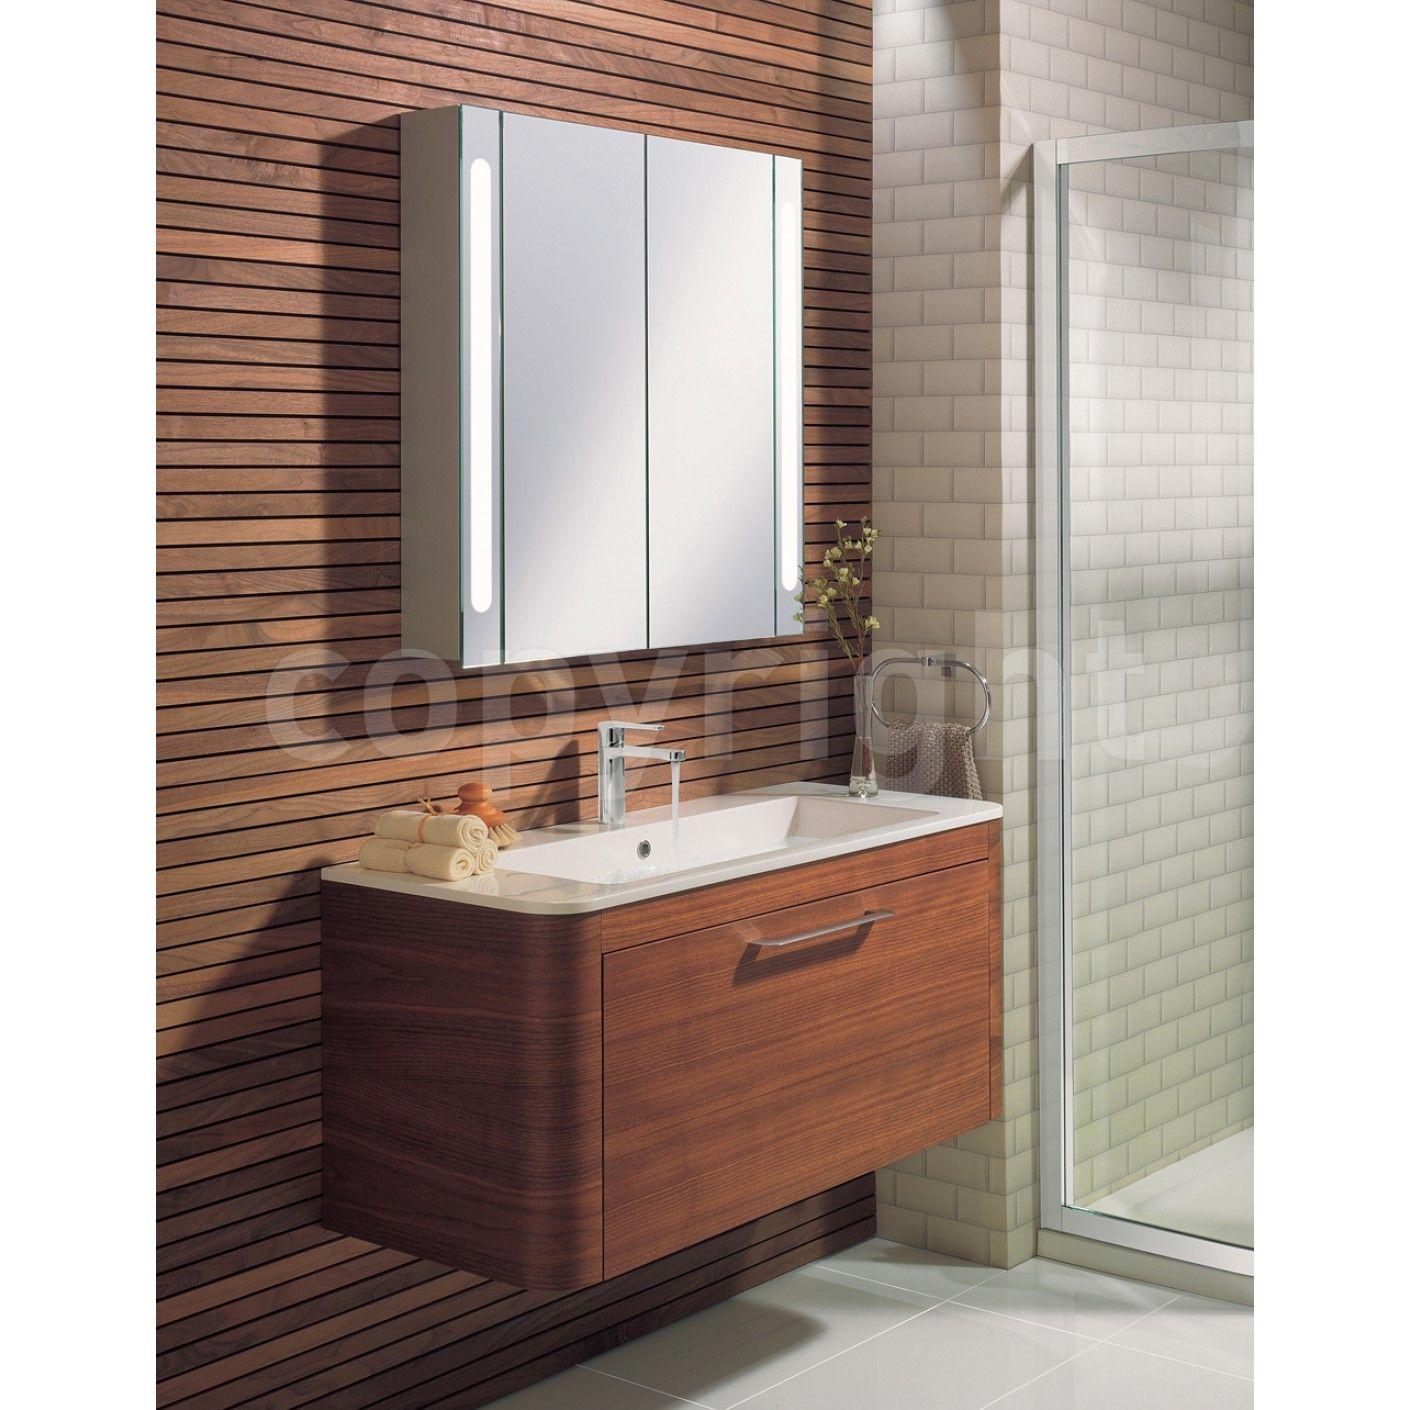 bathroom mirror cabinet | bauhaus 800 aluminium cabinet | portes